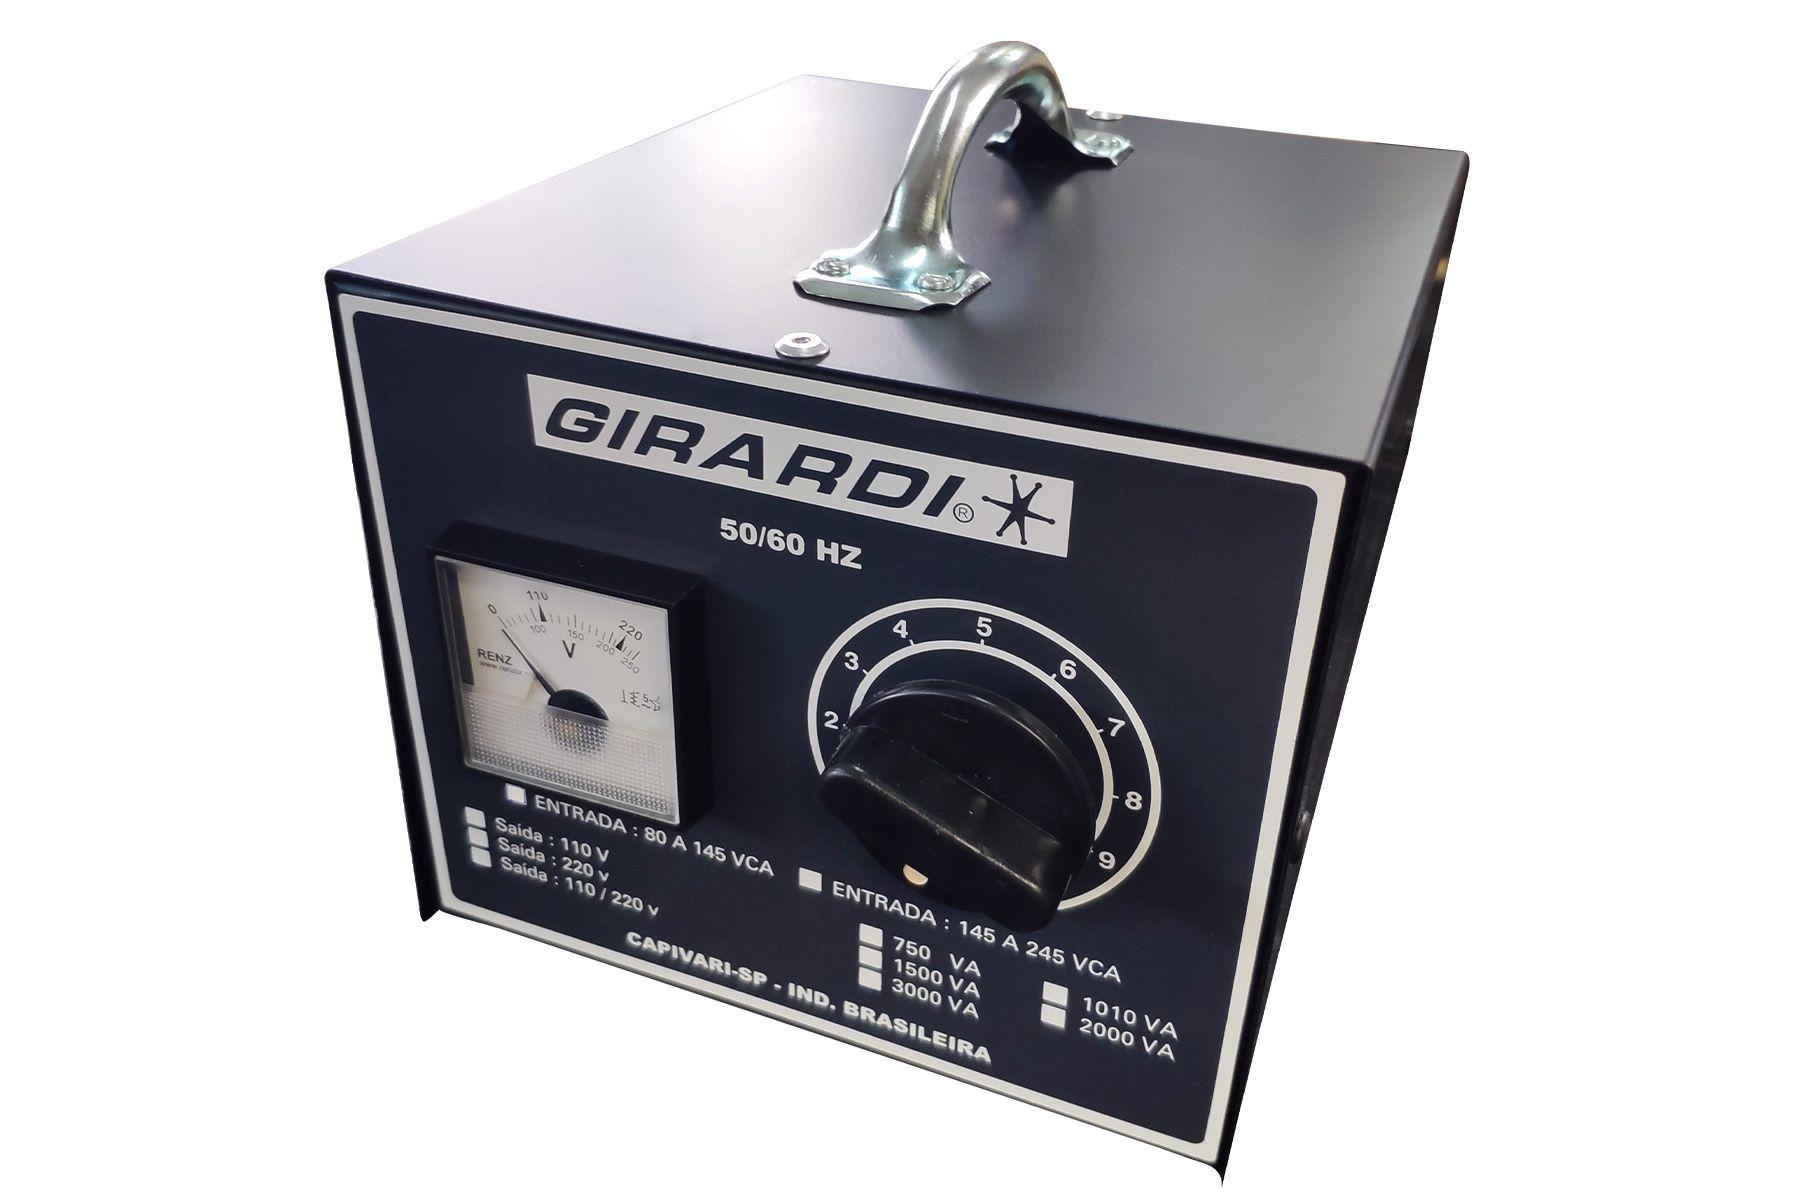 Regulador Manual De Tensão / Voltagem Girardi 1500 VA Entrada 220V Saída Bivolt